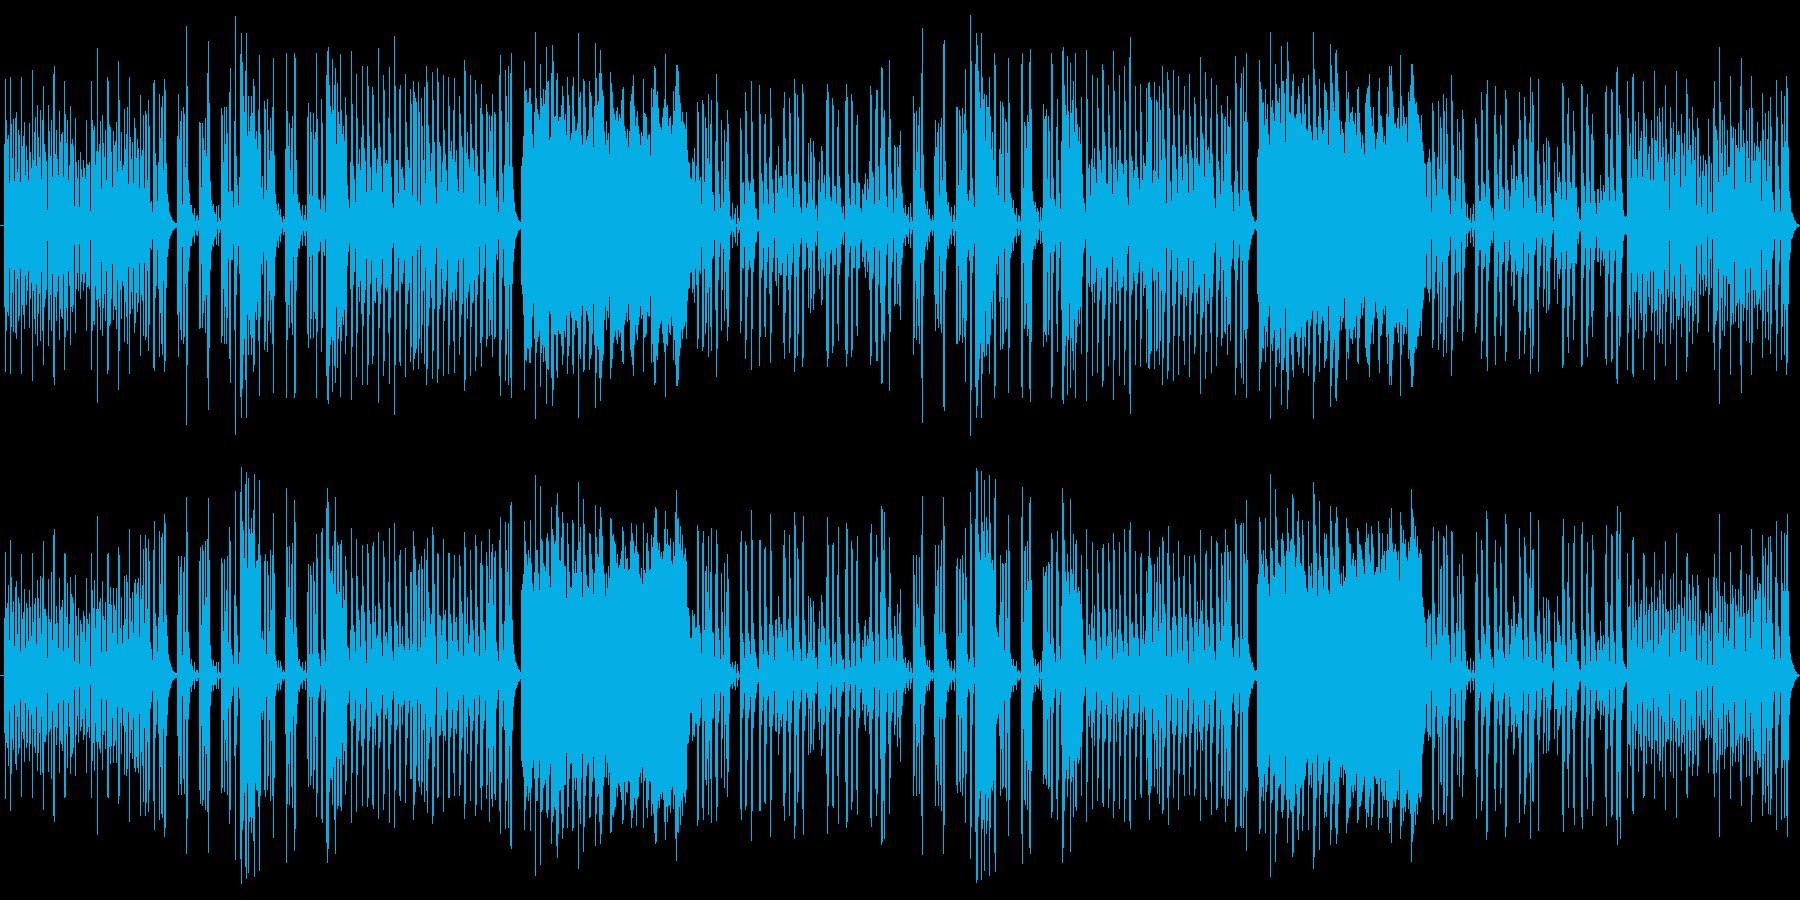 ほのぼのとポップでかわいいリコーダーの再生済みの波形